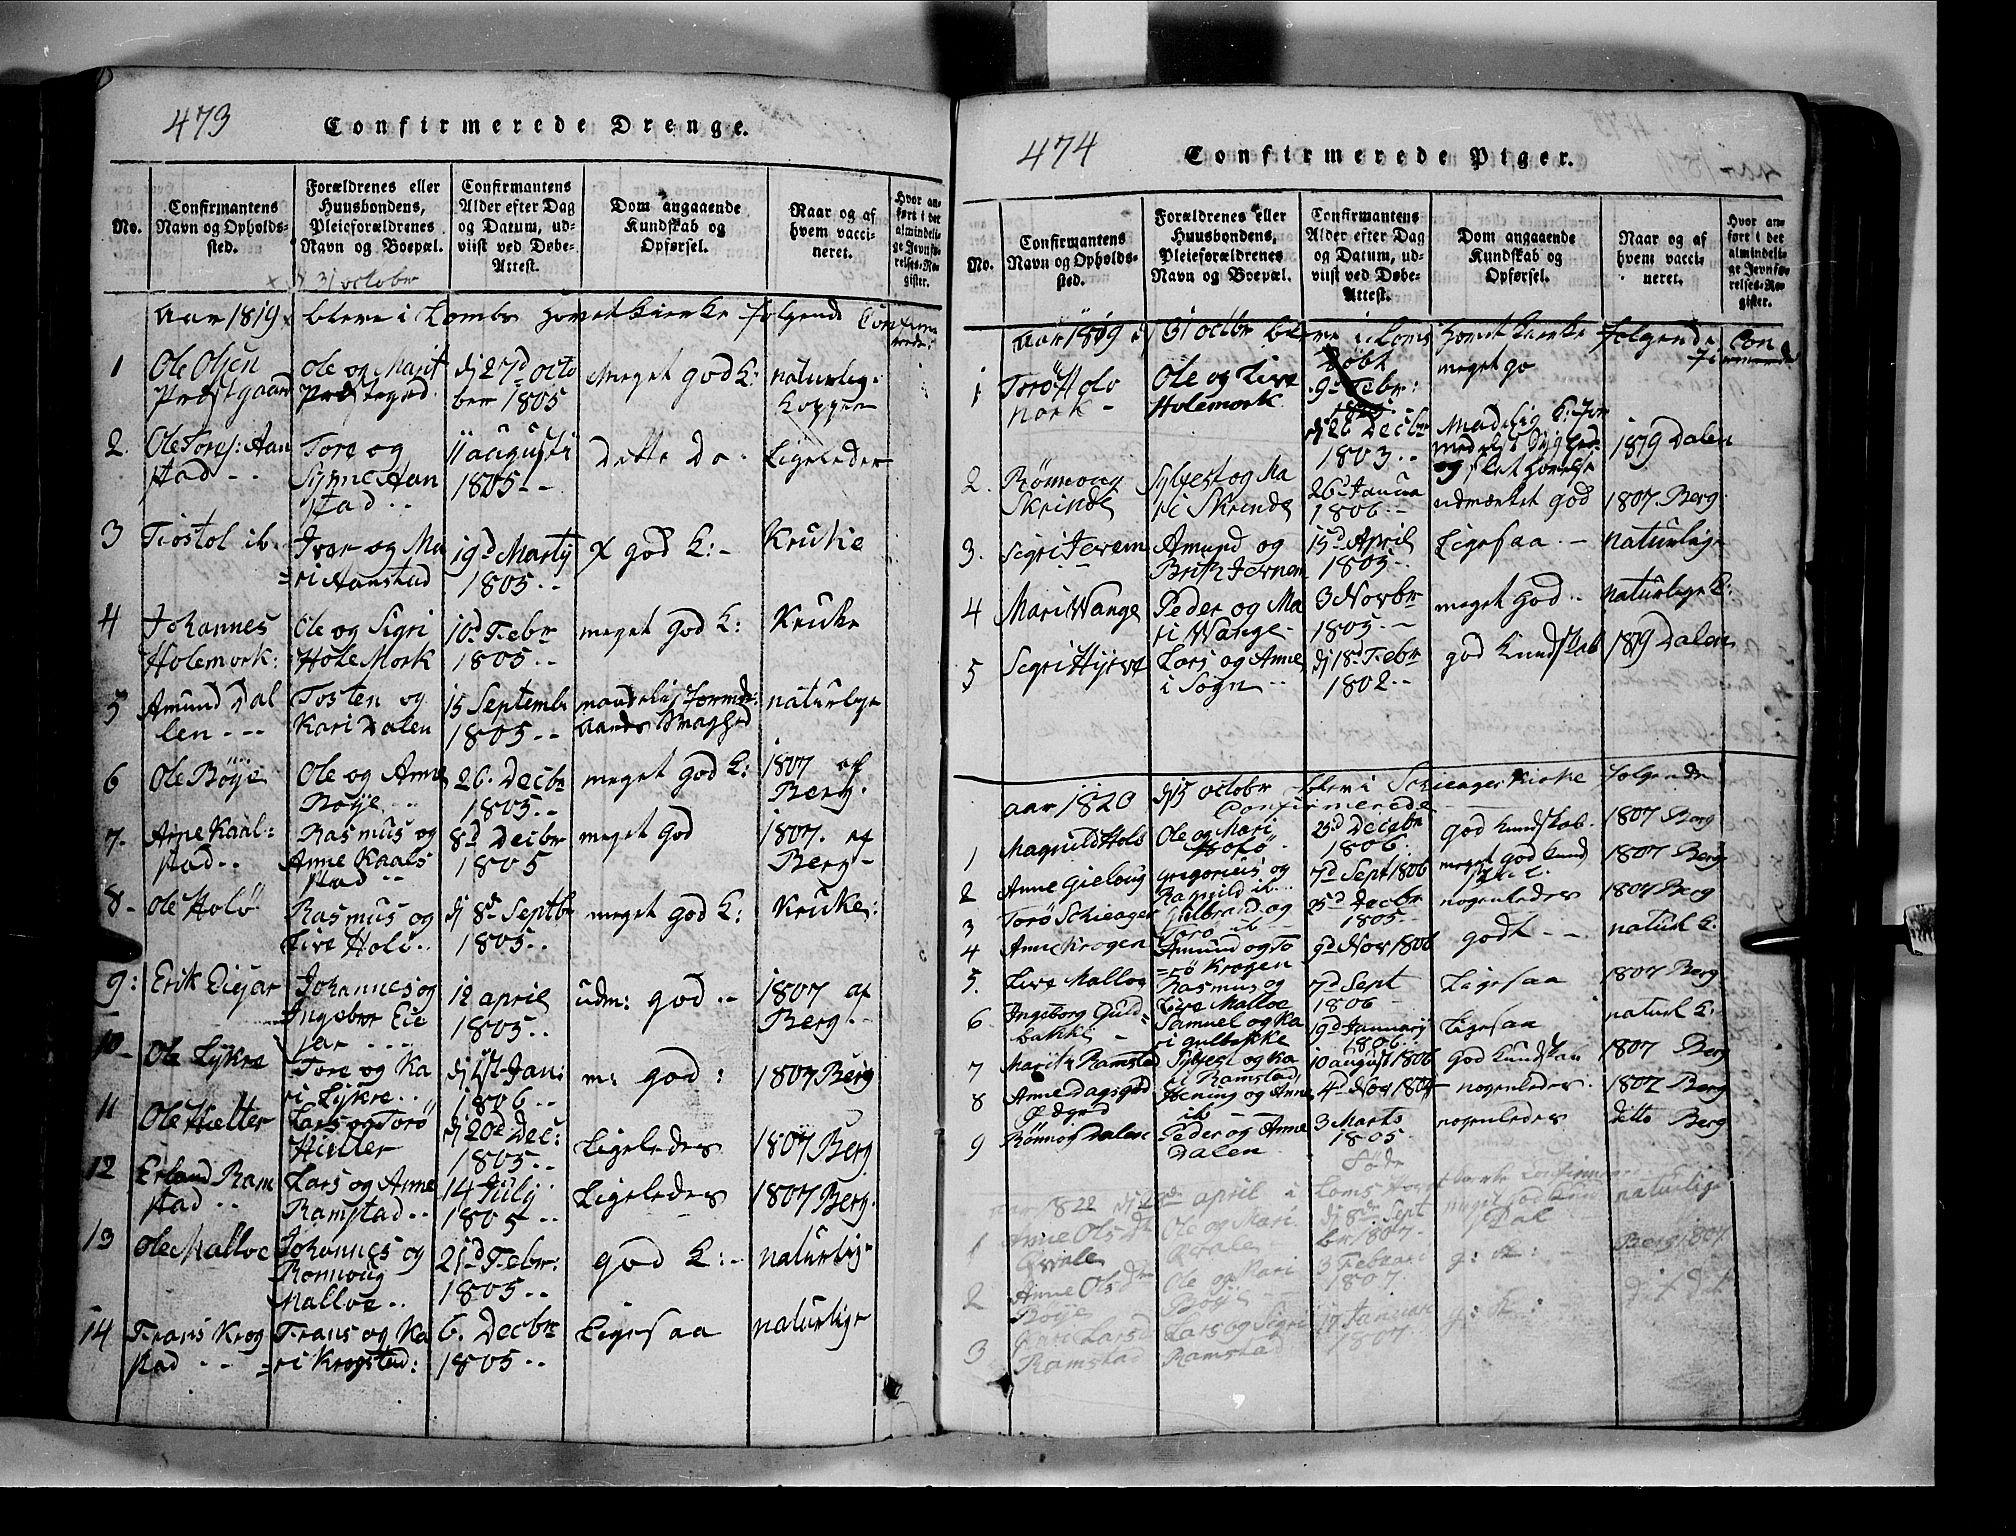 SAH, Lom prestekontor, L/L0003: Klokkerbok nr. 3, 1815-1844, s. 473-474